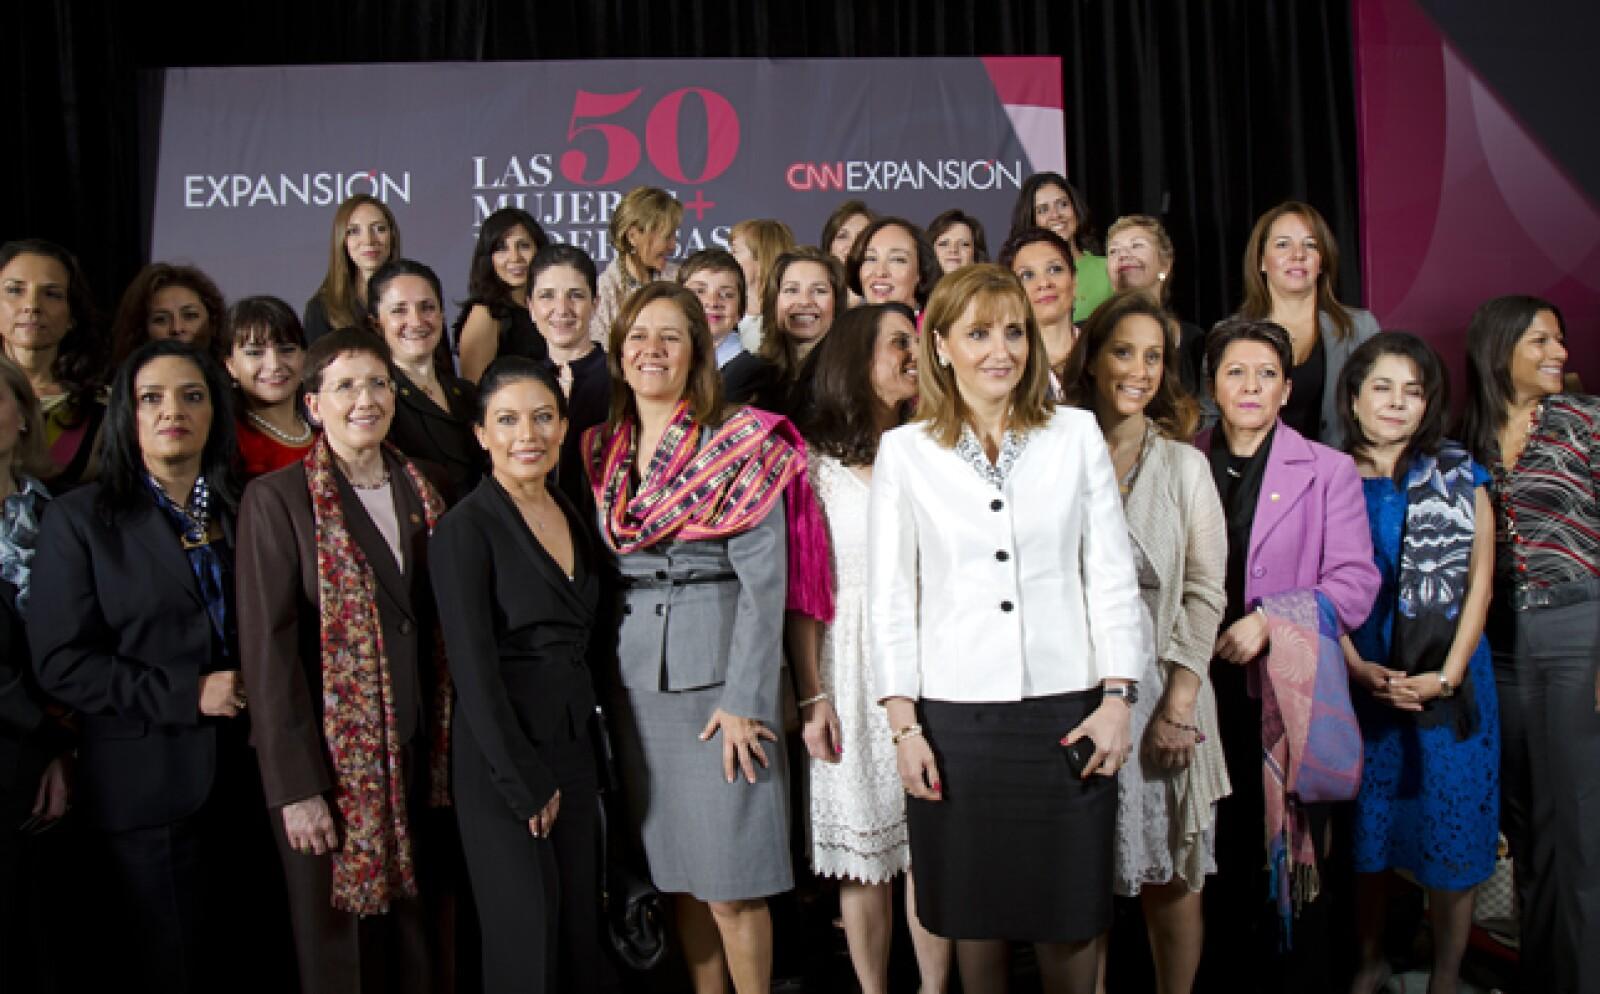 Las mujeres más poderosas del país se tomaron la foto oficial, momento que los medios de comunicación aprovecharon para realizar varias tomas.